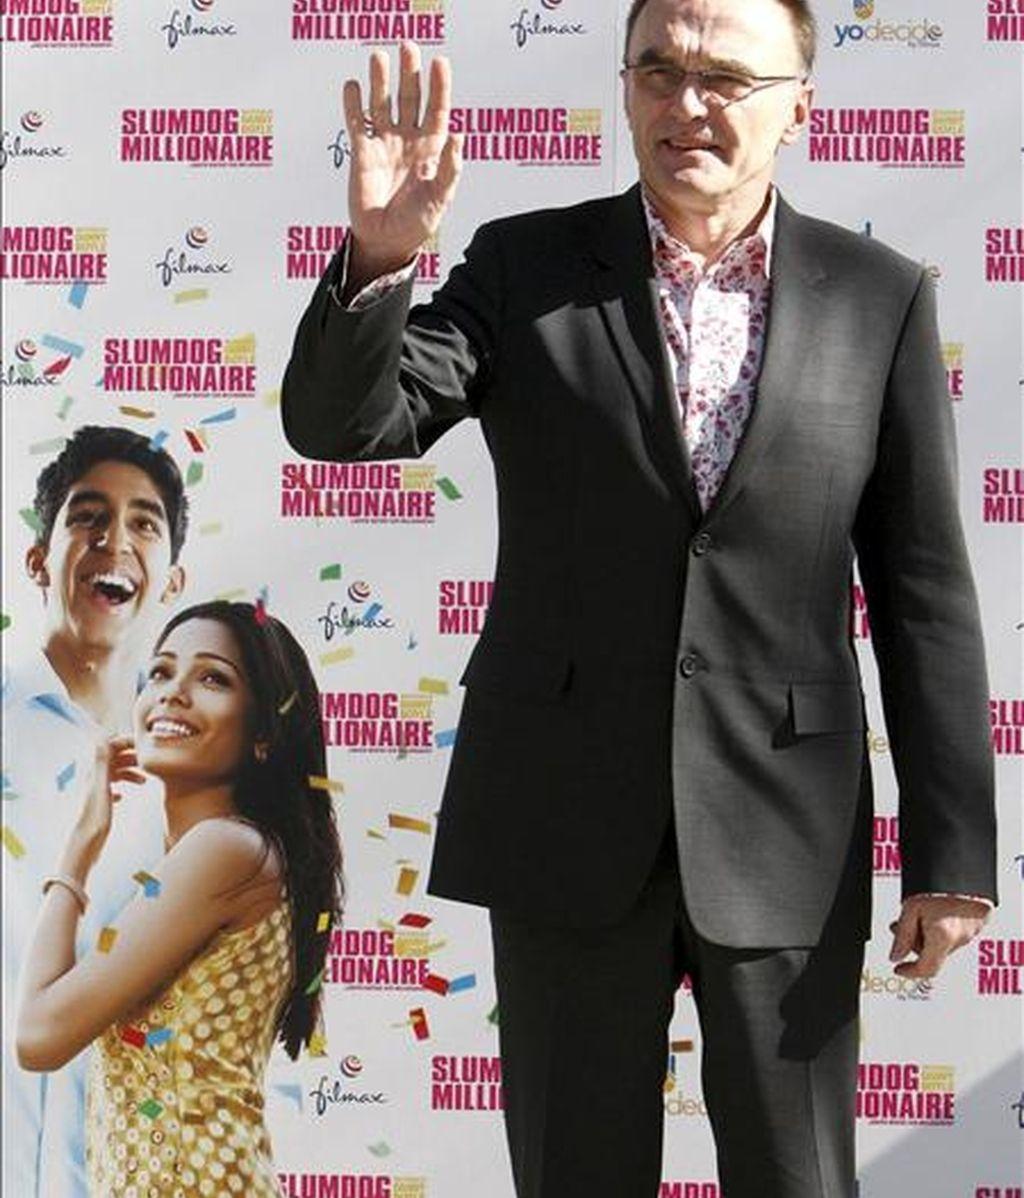 """El cineasta británico Danny Boyle, responsable de cintas como """"Trainspoiting"""" y """"28 días después"""", presentó hoy, en Madrid, """"Slumdog Millionaire"""", la polémica historia sobre los suburbios de Bombay, por la que ya ha logrado 4 Globos de Oro y 7 premios Bafta, que es favorita a los Oscar y se estrena el viernes. EFE"""